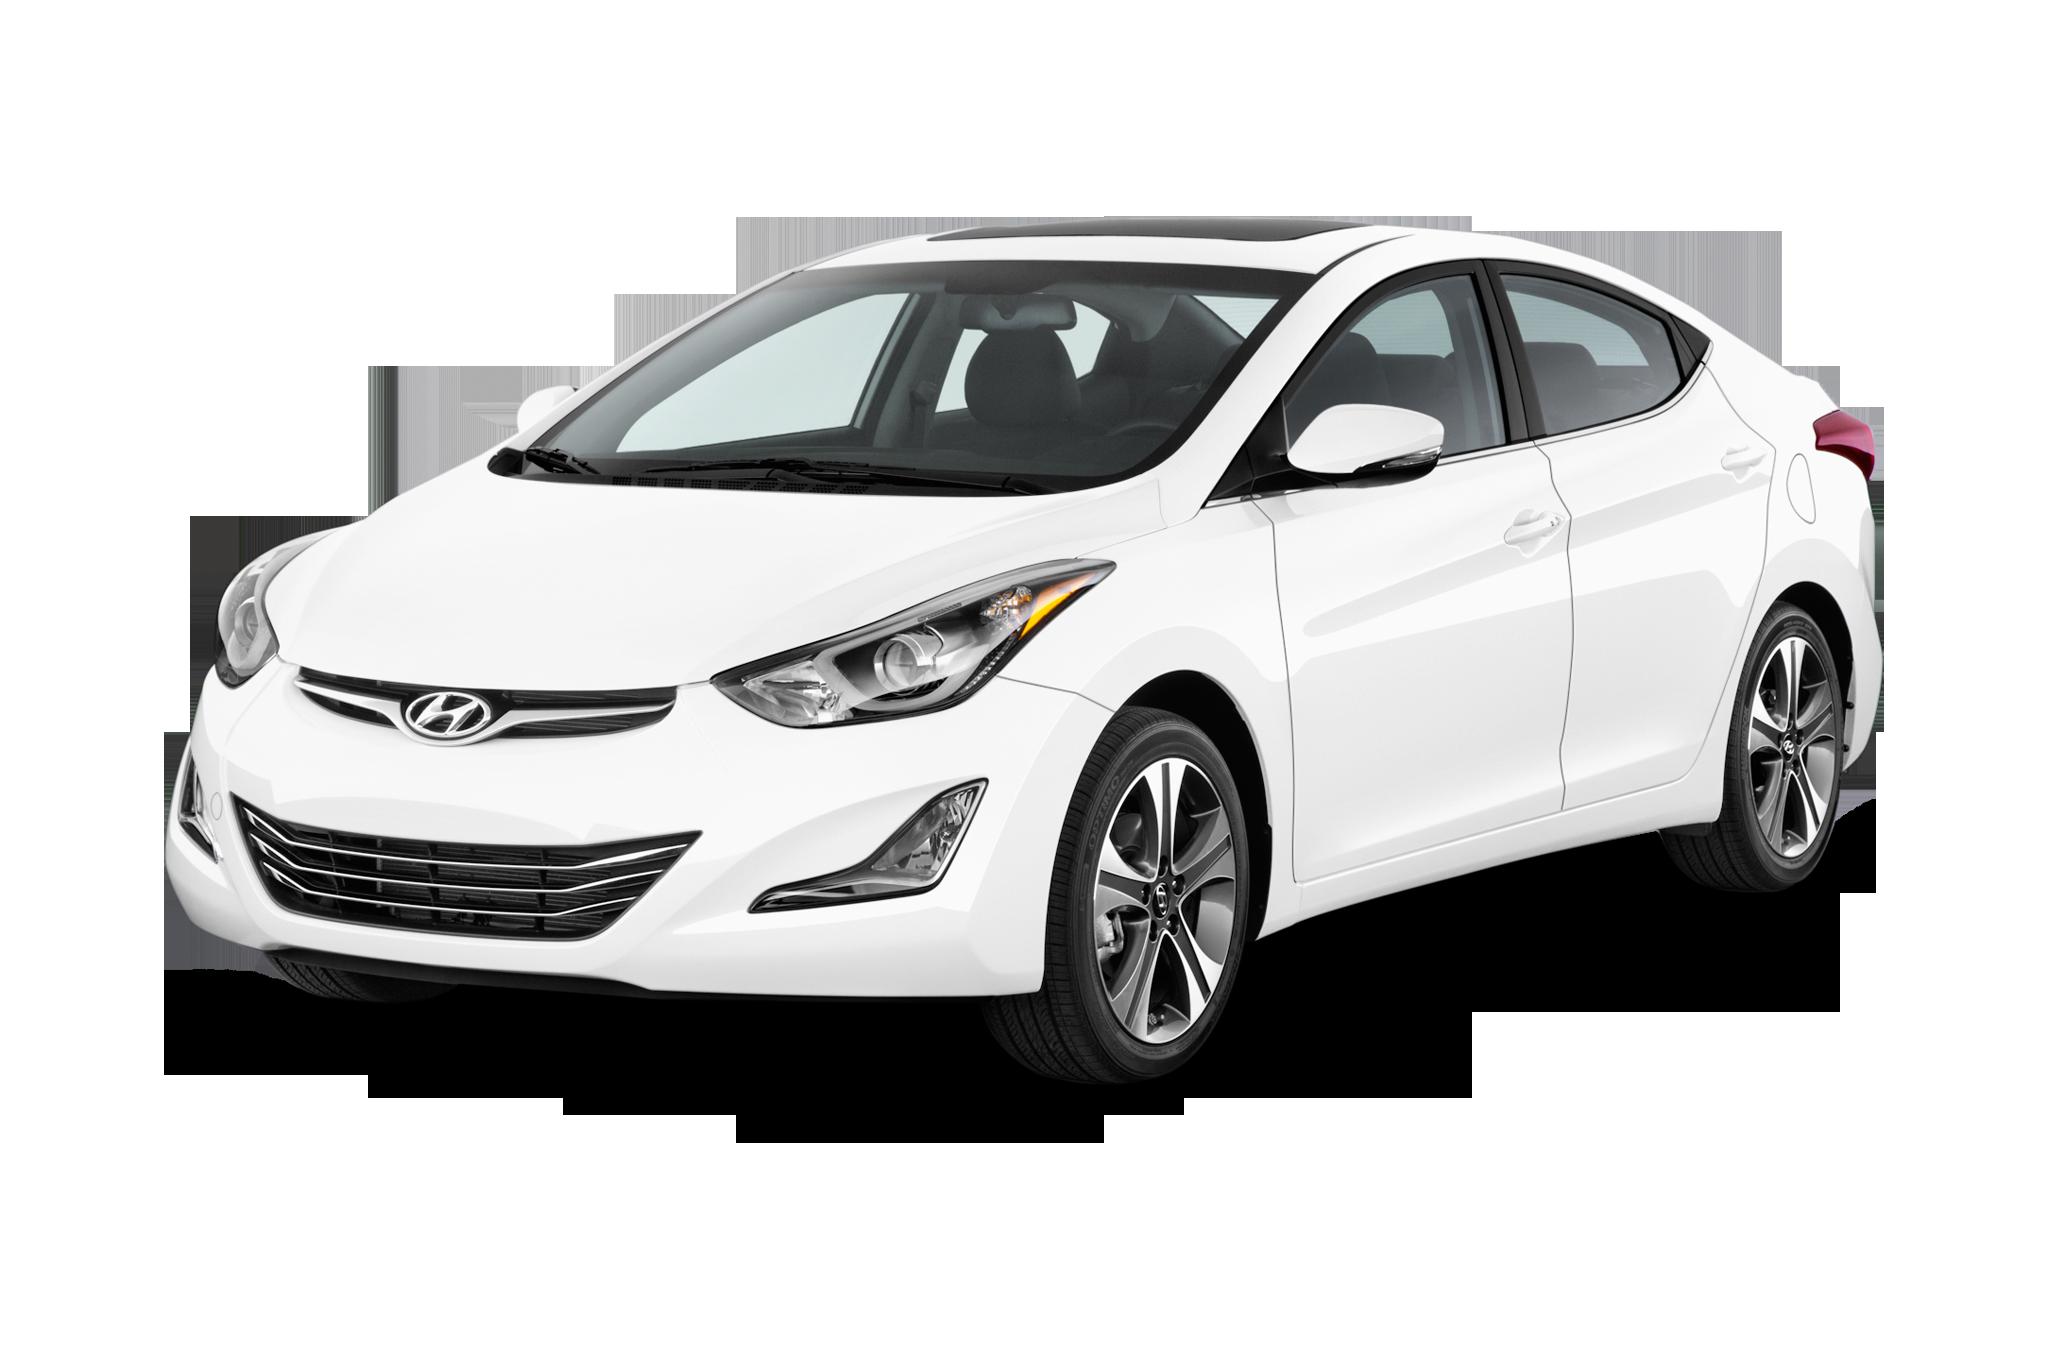 2017 Elantra Se >> Hyundai PNG image free download